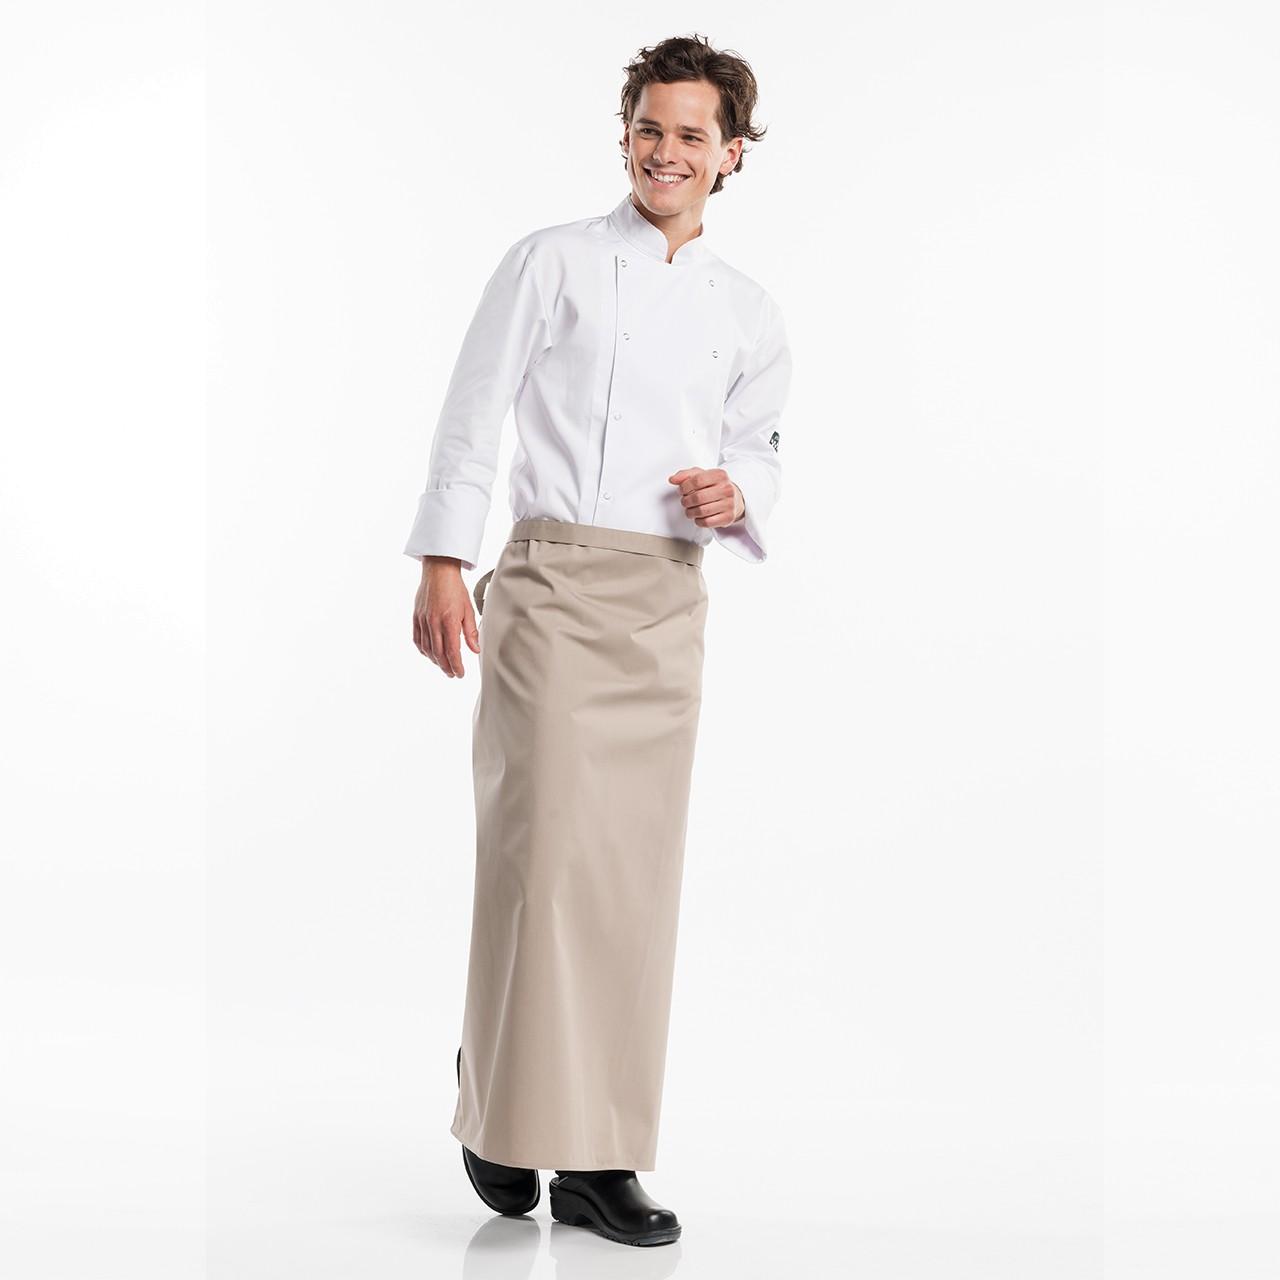 Bistroschürze Regular ohne Tasche Chaud Devant® | bedrucken, besticken, bedrucken lassen, besticken lassen, mit Logo |